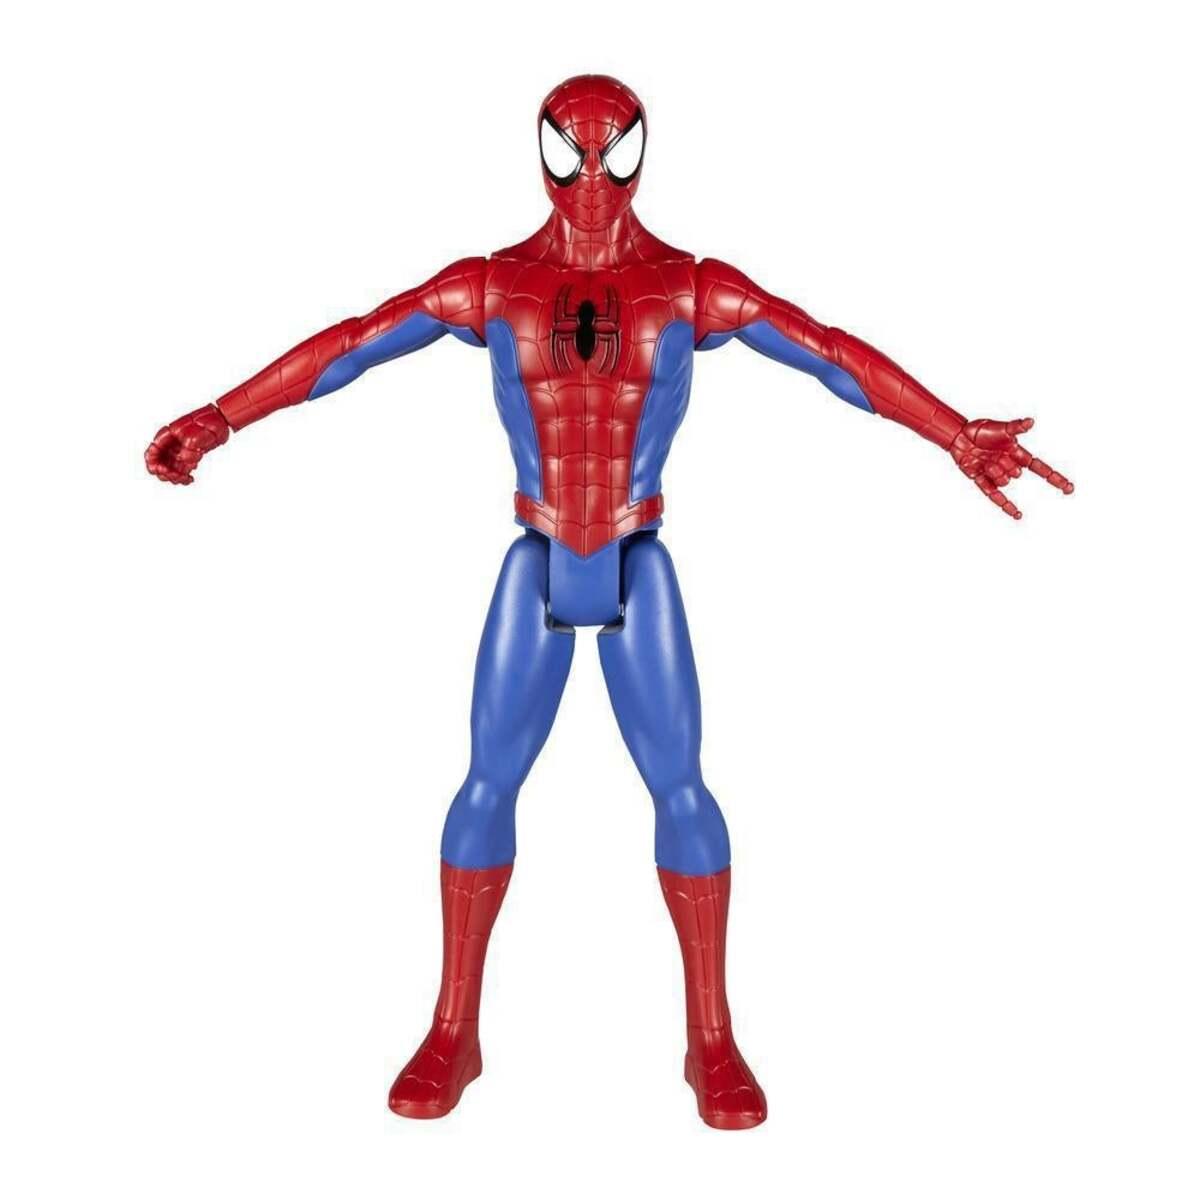 Bild 2 von Hasbro Spider-Man Titan Hero